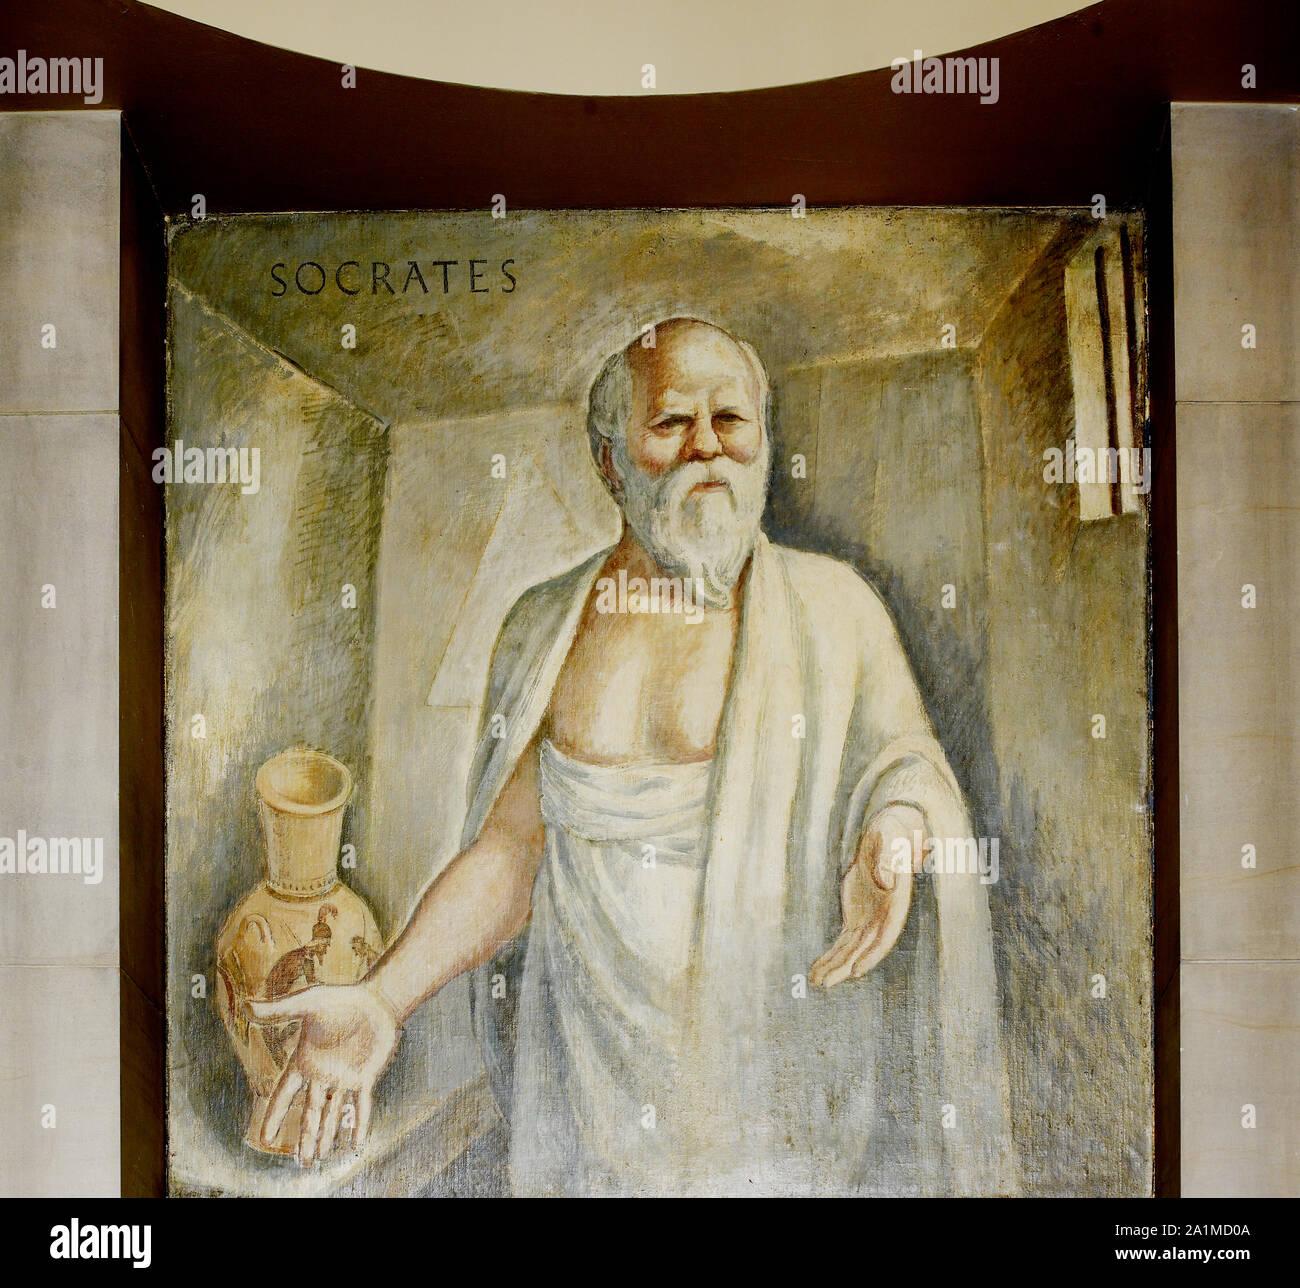 Peinture à l'huile situé dans Socrates escalier de la Grande Salle, Ministère de la Justice, Washington, D.C. Banque D'Images